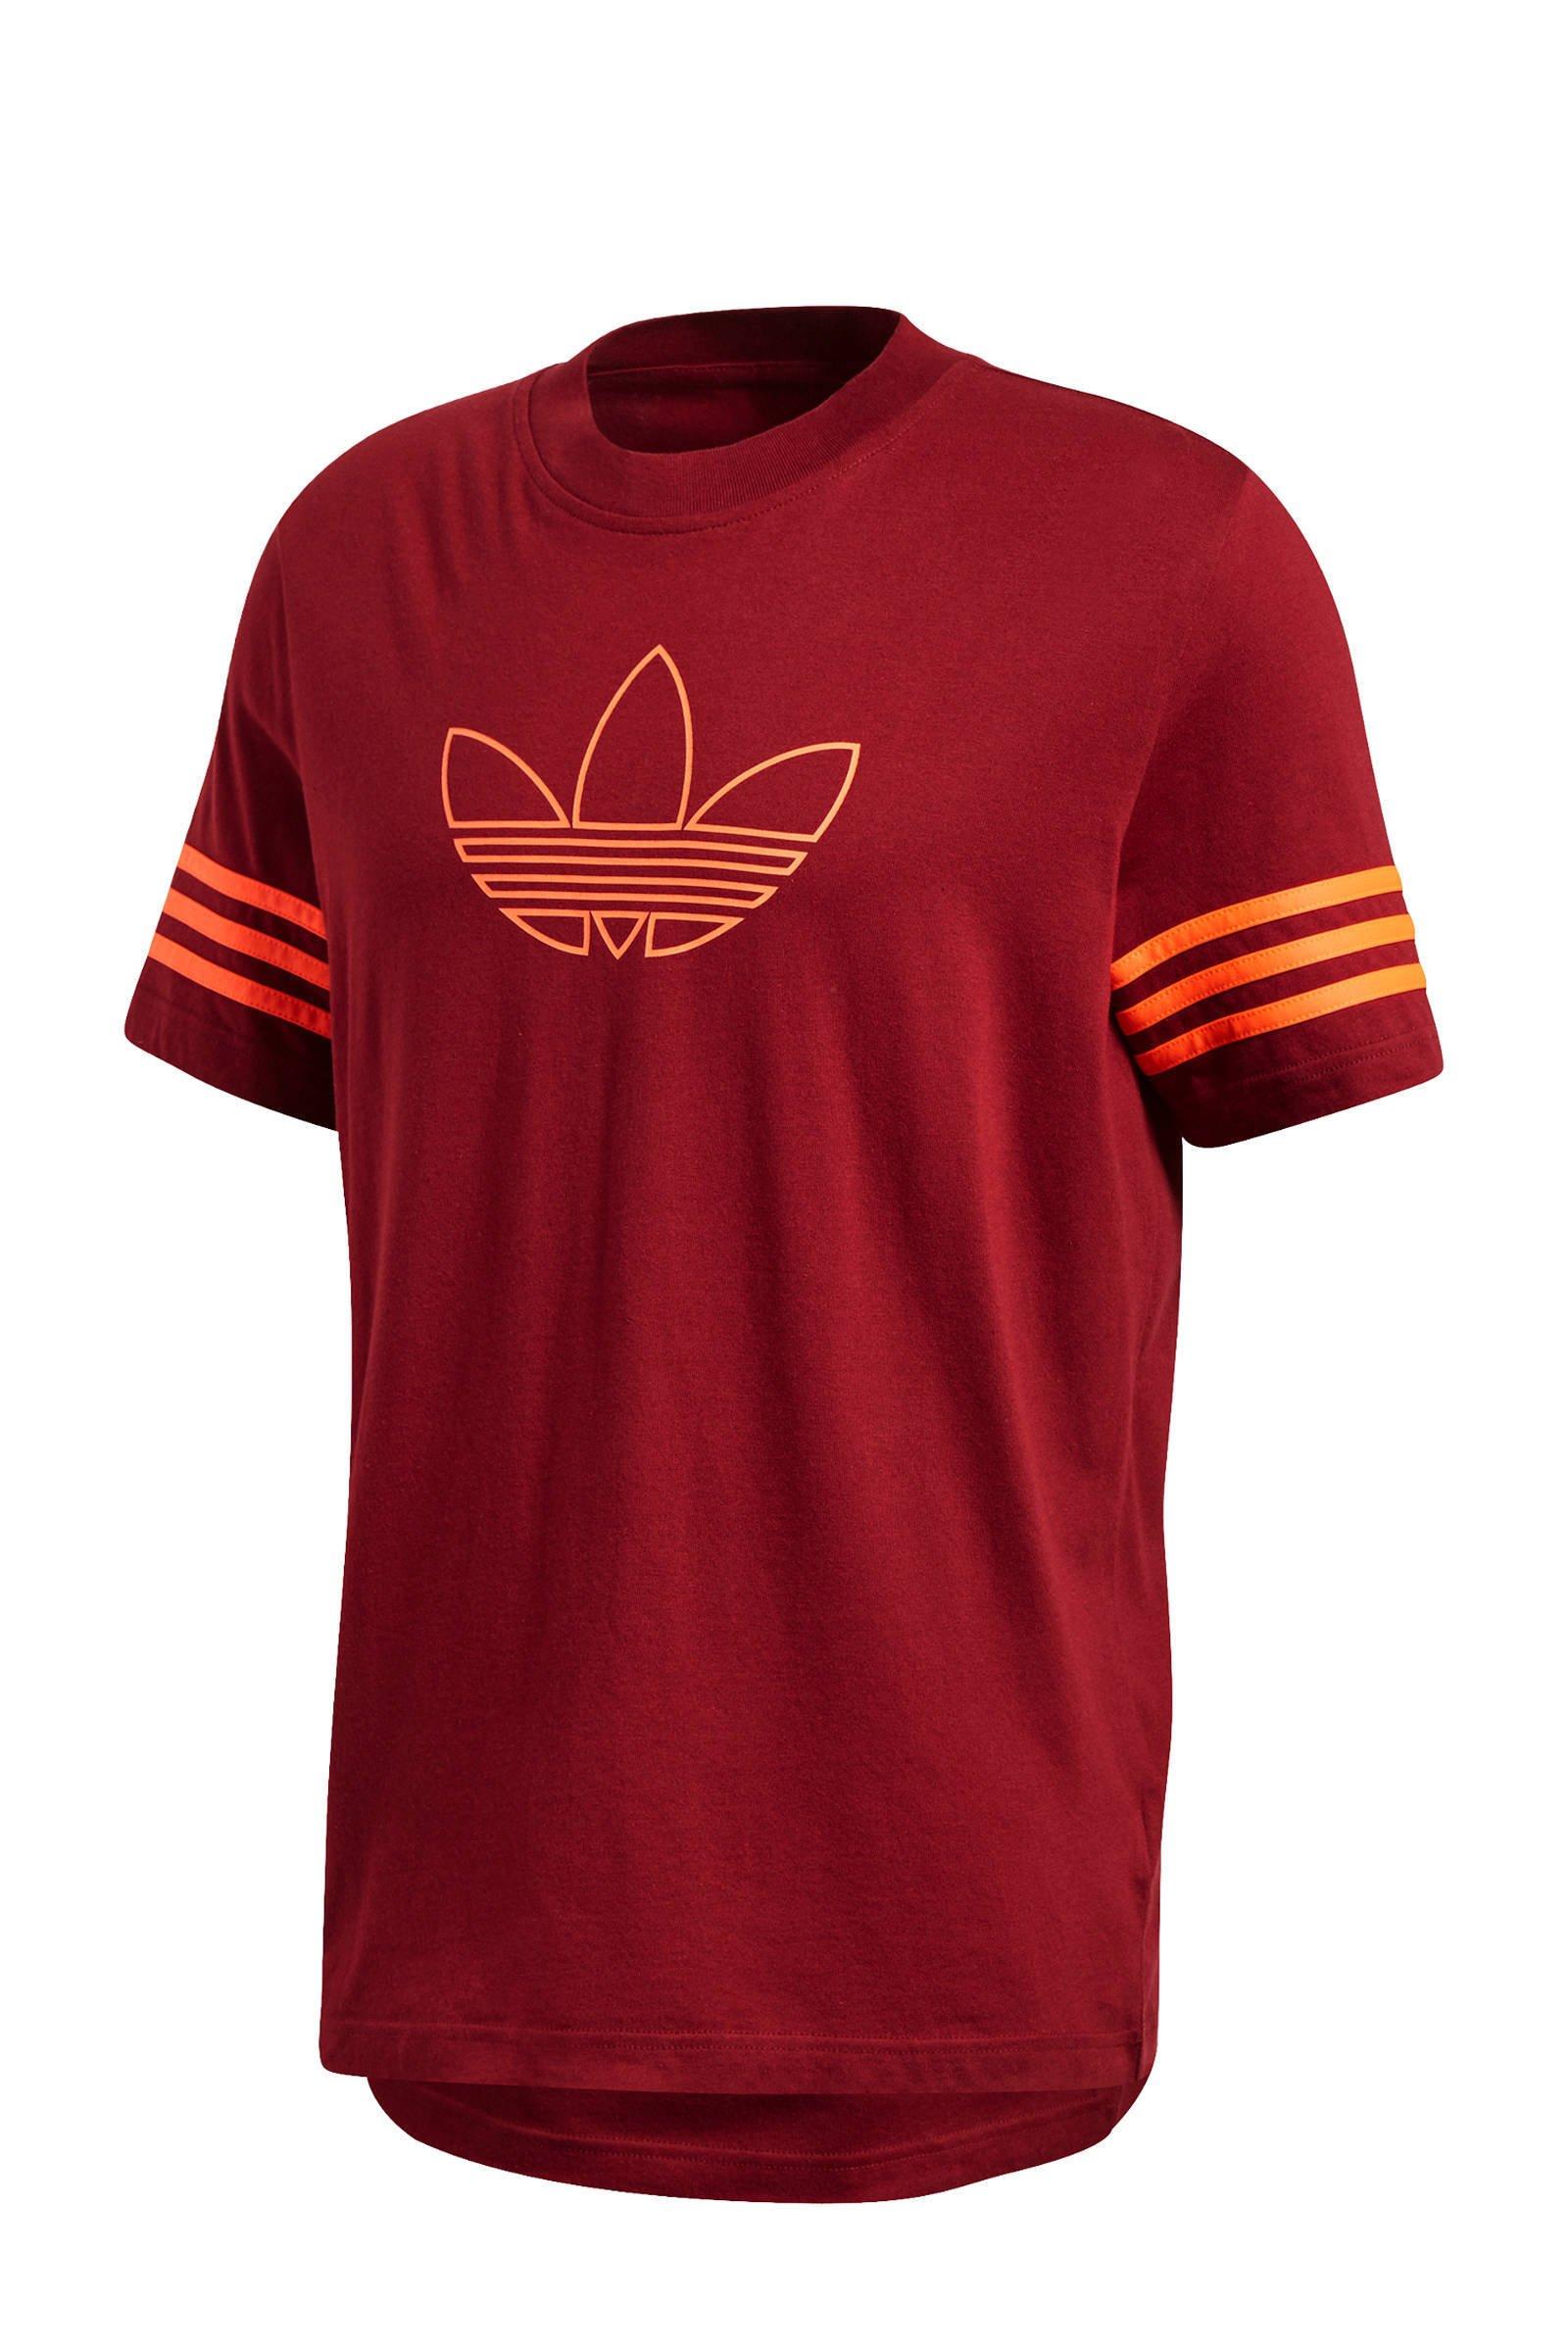 adidas Originals T-shirt bordeauxrood | wehkamp